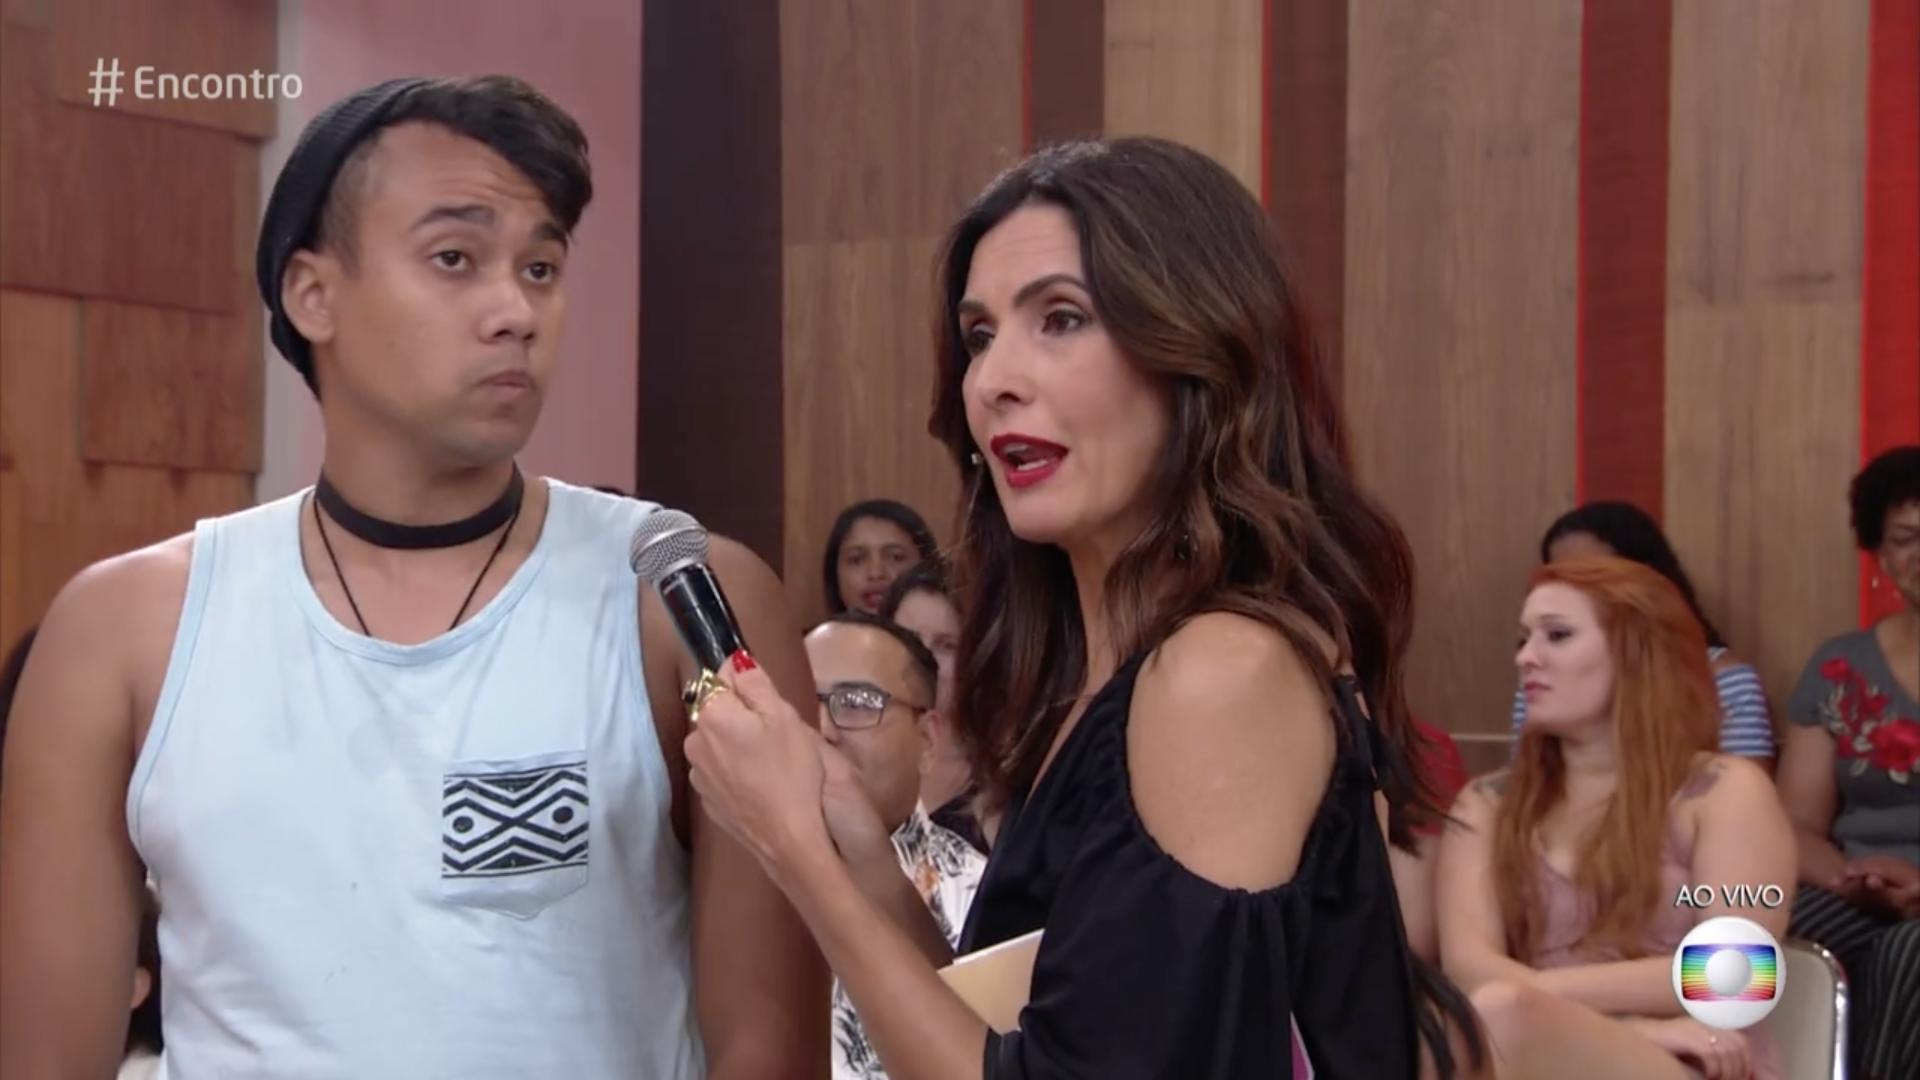 Wallace discutiu com Kéfera no Palco do Encontro com Fátima Bernardes (Foto: Reprodução/Globo)